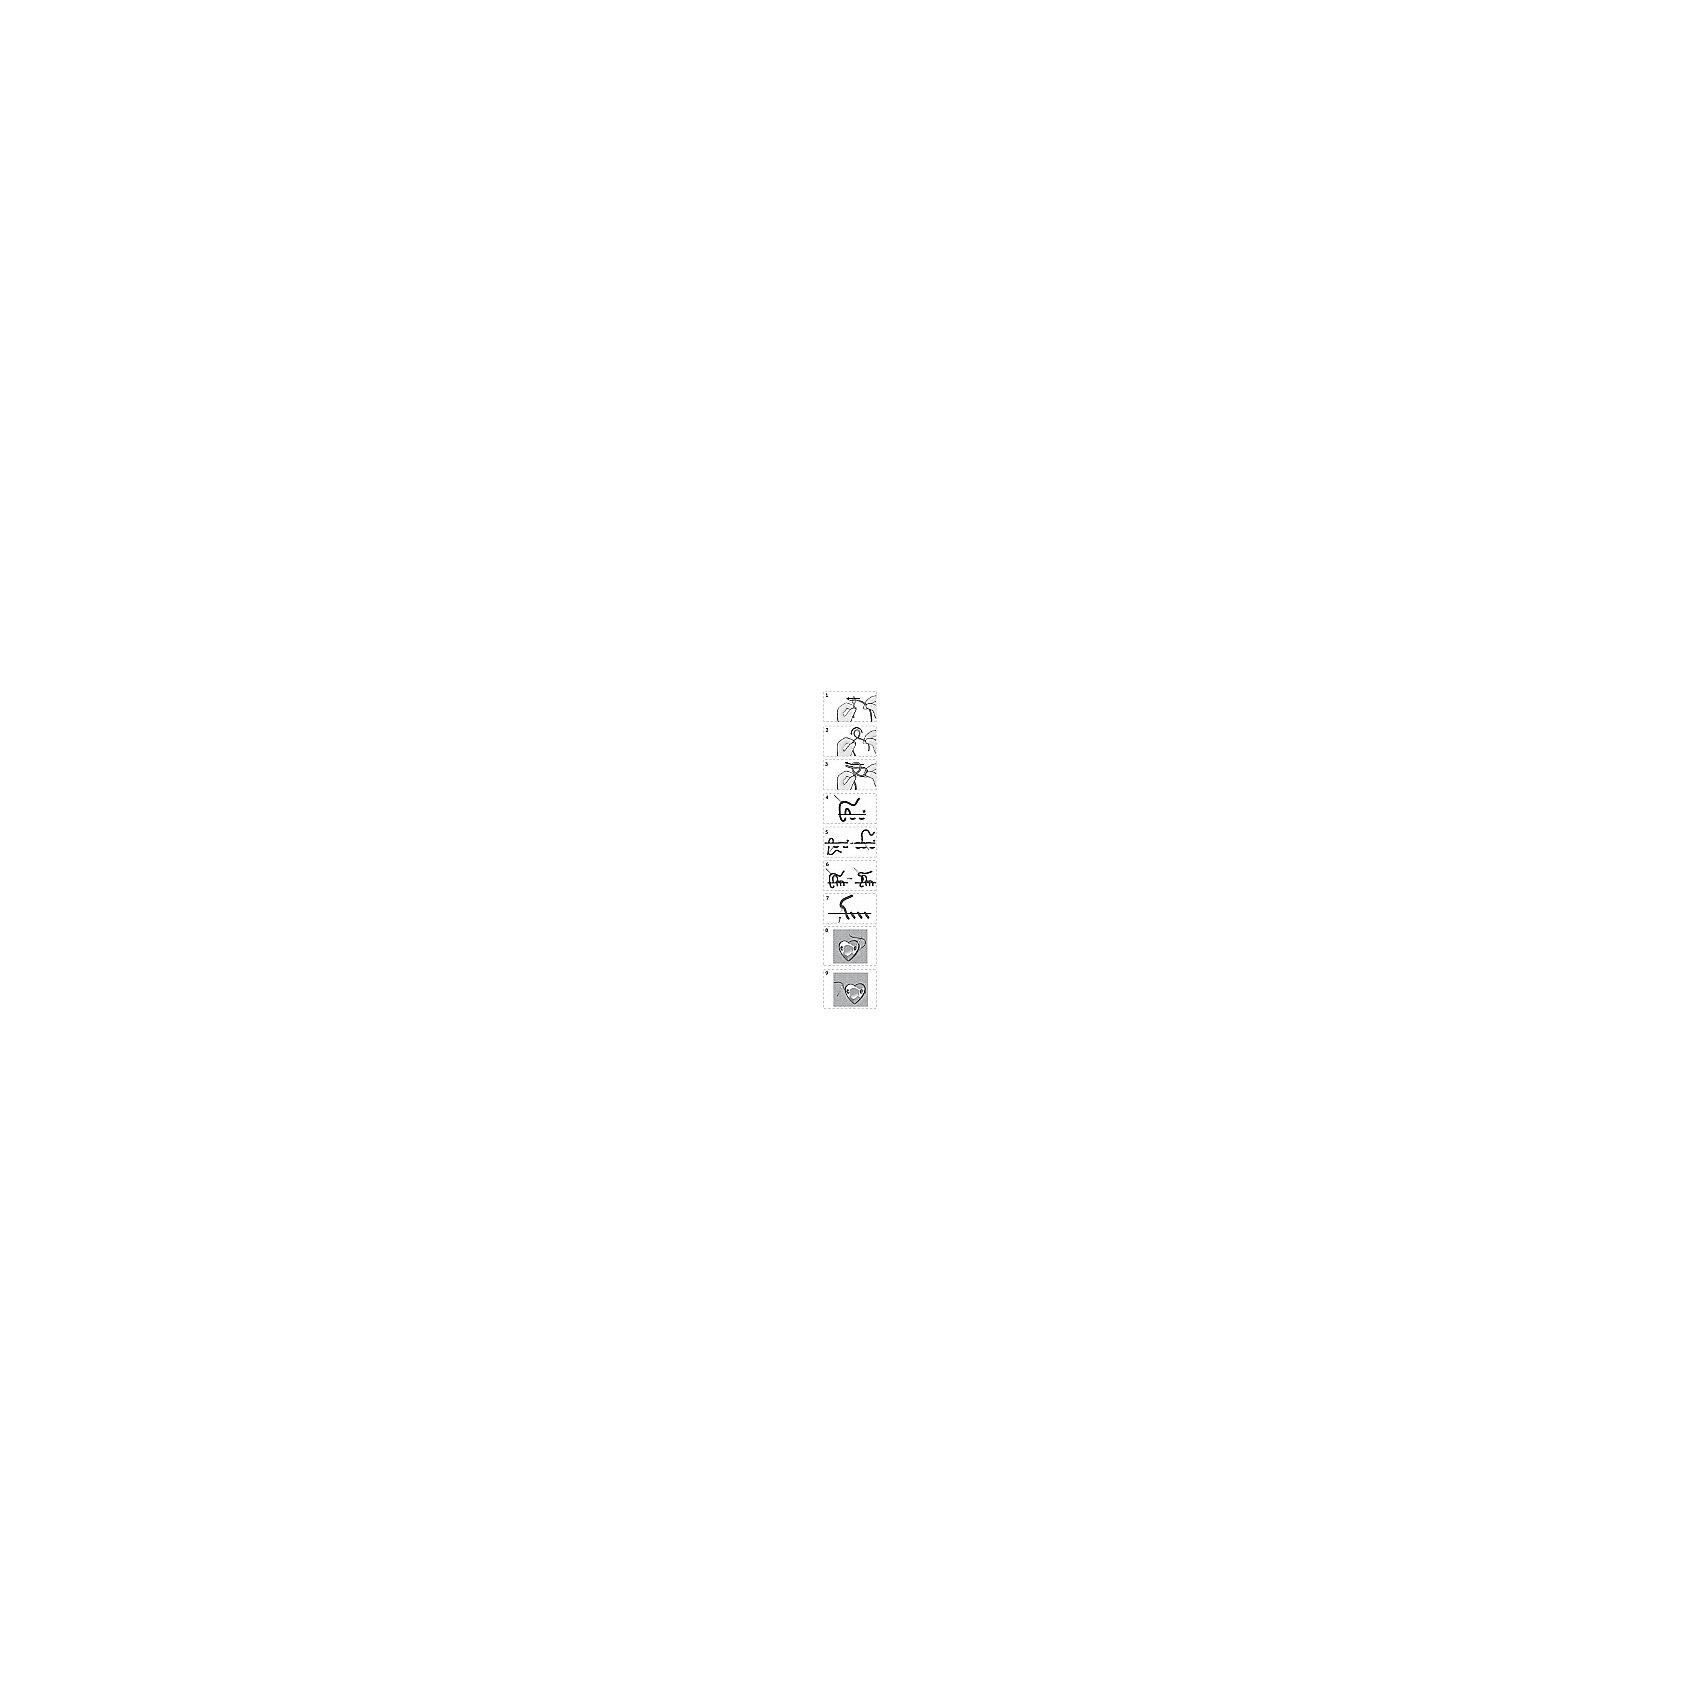 Дизайнер модных платьев София, CreativeРукоделие<br>Характеристики:<br><br>• возраст: от 8 лет<br>• в наборе: пластиковый манекен (высотой 22 см); набор английских булавок (40 шт.); приблизительно 40 страз; 3 отреза ткани - блестящая ткань (20x20 см), однотонная ткань (20x20 см), набивная ткань (20 x28 см); катушка швейных ниток (около 9 метров); игла; 2 застежки-липучки; выкройки, эскизы, инструкция<br>• дополнительно понадобятся: ножницы, линейка, цветной карандаш<br>• упаковка: картонная коробка<br>• размер упаковки: 25,5х13х6 см.<br>• вес: 271 гр.<br><br>Пришло время воплотить мечту в реальность и стать дизайнером модной и стильной одежды.<br><br>Придумай фасон и сшей свой вариант наряда для куклы. Используй ткань различных фактур и расцветок и создавай неповторимый стиль. Прилагаемые выкройки подойдут для любой куклы высотой 28 см. Манекен, ткань, нитки, булавки и многое другое в готовом комплекте юной швеи.<br><br>Набор Дизайнер модных платьев София, Creative (Креатив) можно купить в нашем интернет-магазине.<br><br>Ширина мм: 255<br>Глубина мм: 130<br>Высота мм: 60<br>Вес г: 271<br>Возраст от месяцев: 96<br>Возраст до месяцев: 2147483647<br>Пол: Женский<br>Возраст: Детский<br>SKU: 6741847